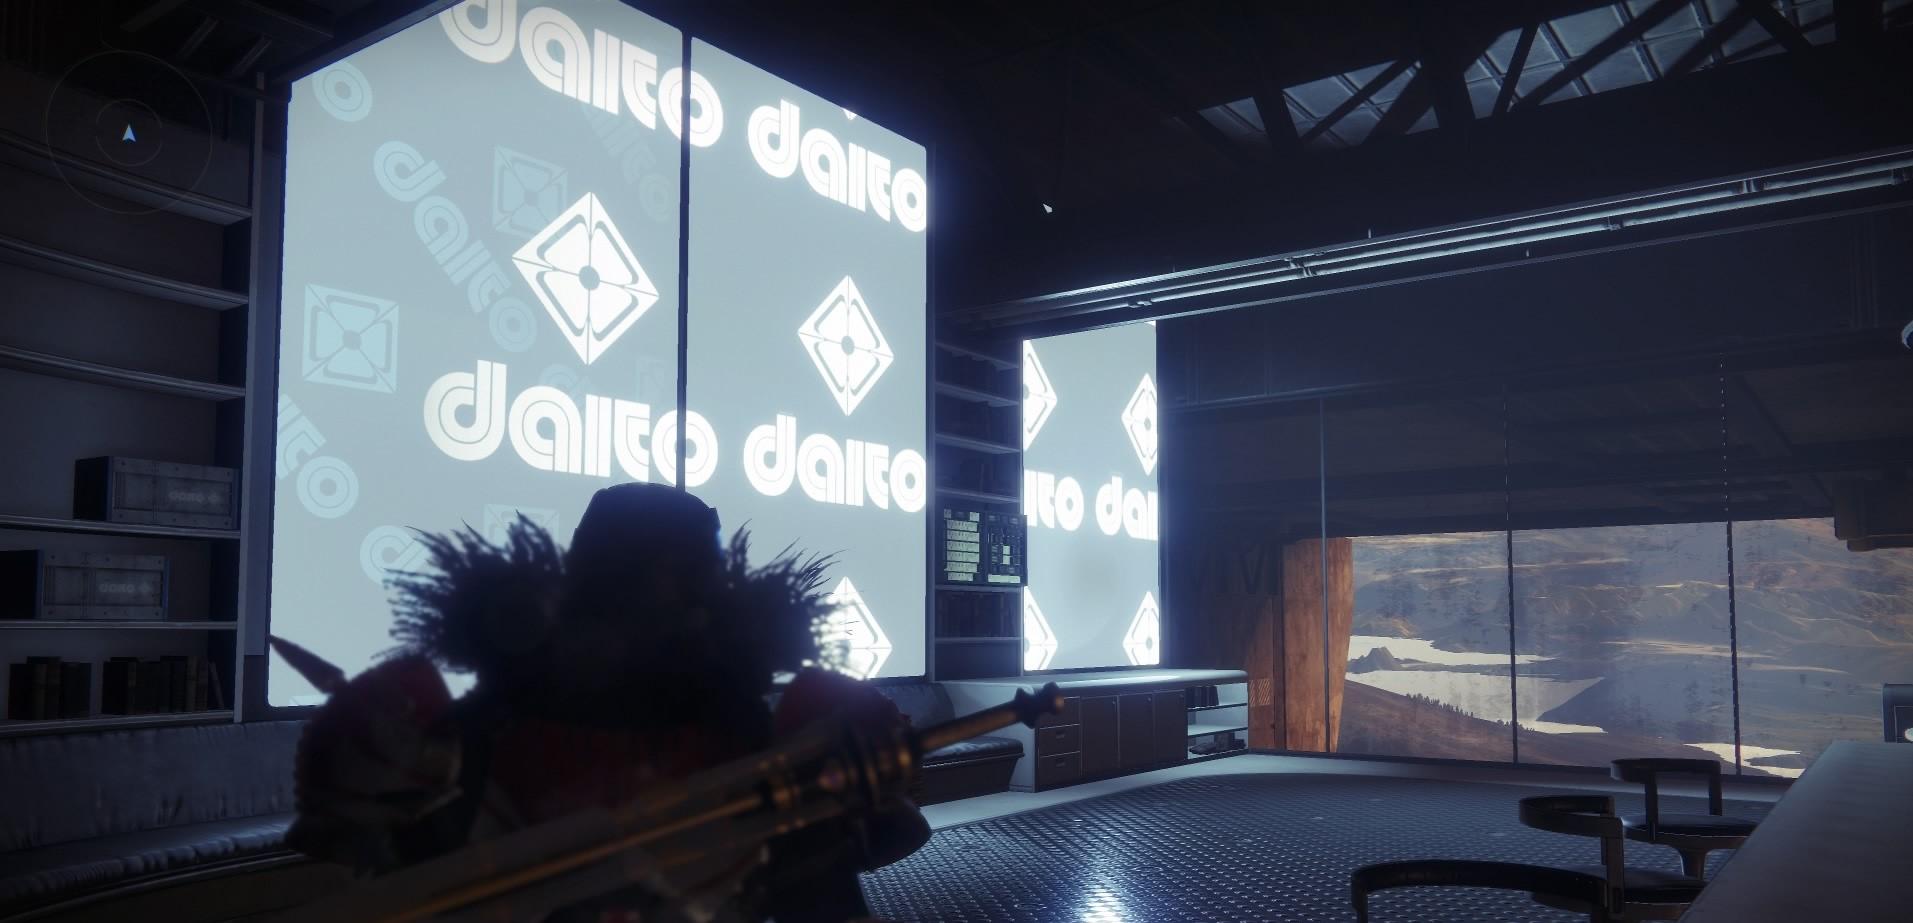 Destiny 2: Der geheime Daito-Raum im Turm – Was hat es damit auf sich?